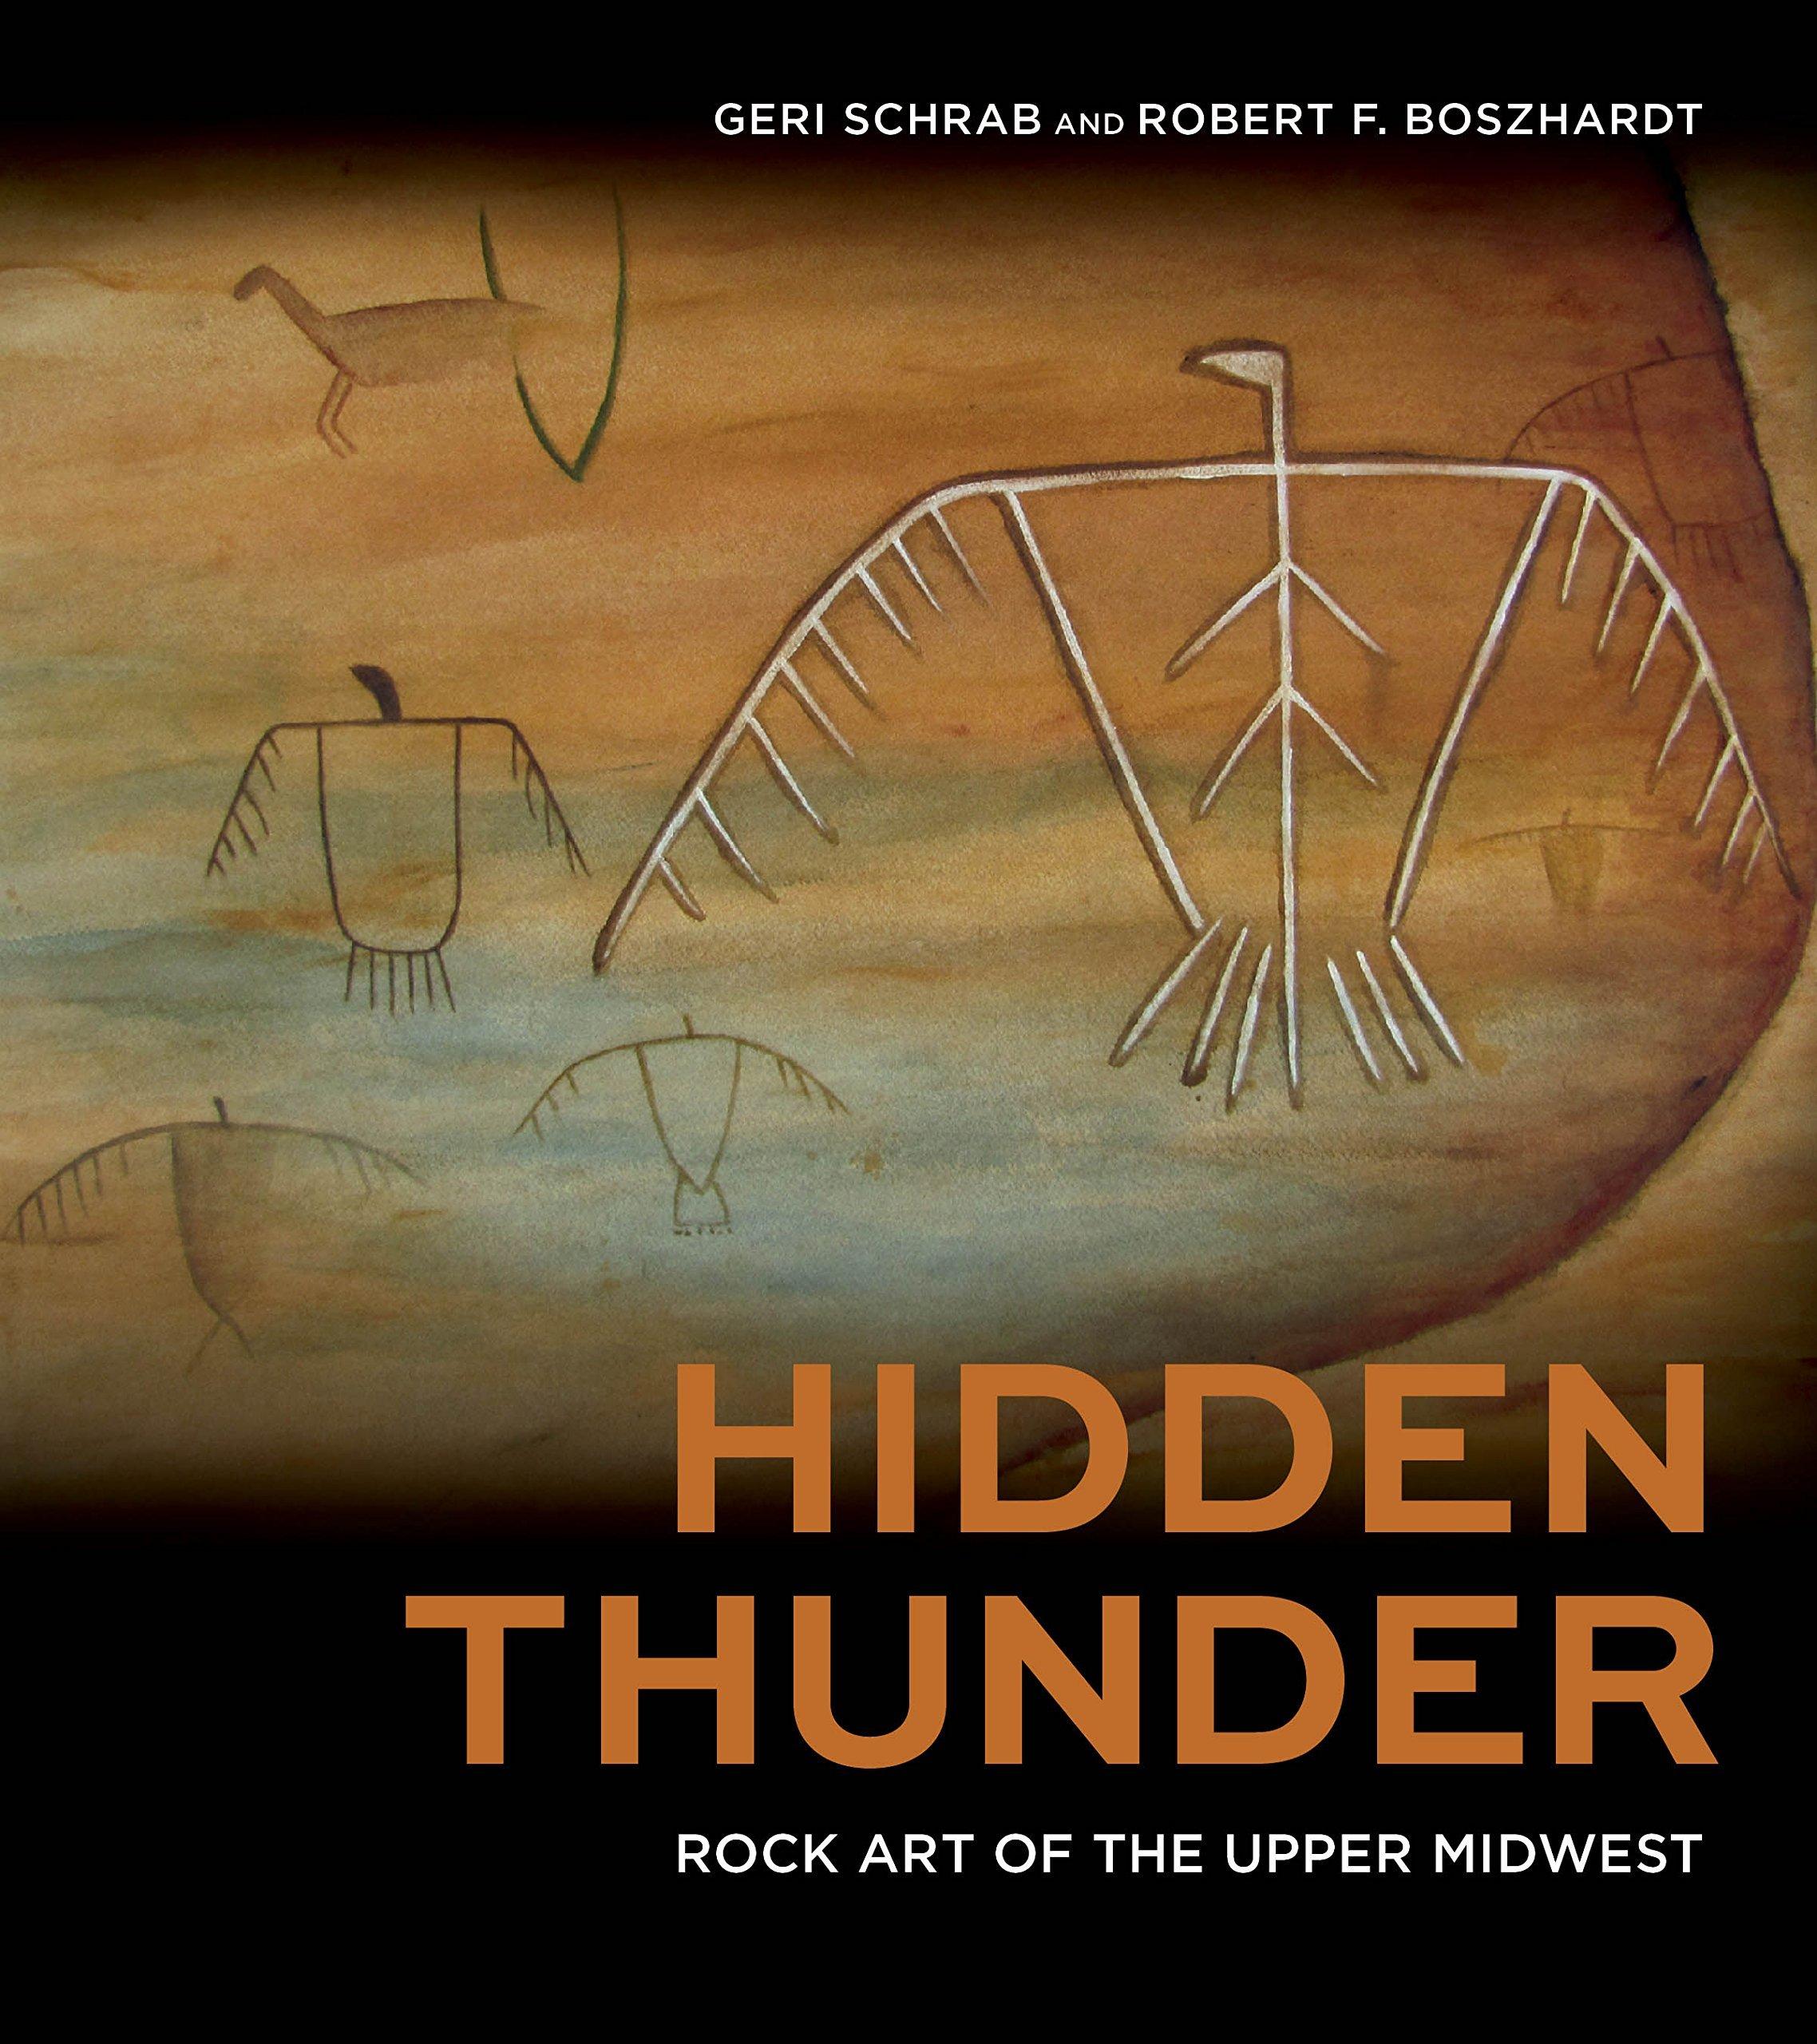 Hidden Thunder Rock Art of the Upper Midwest